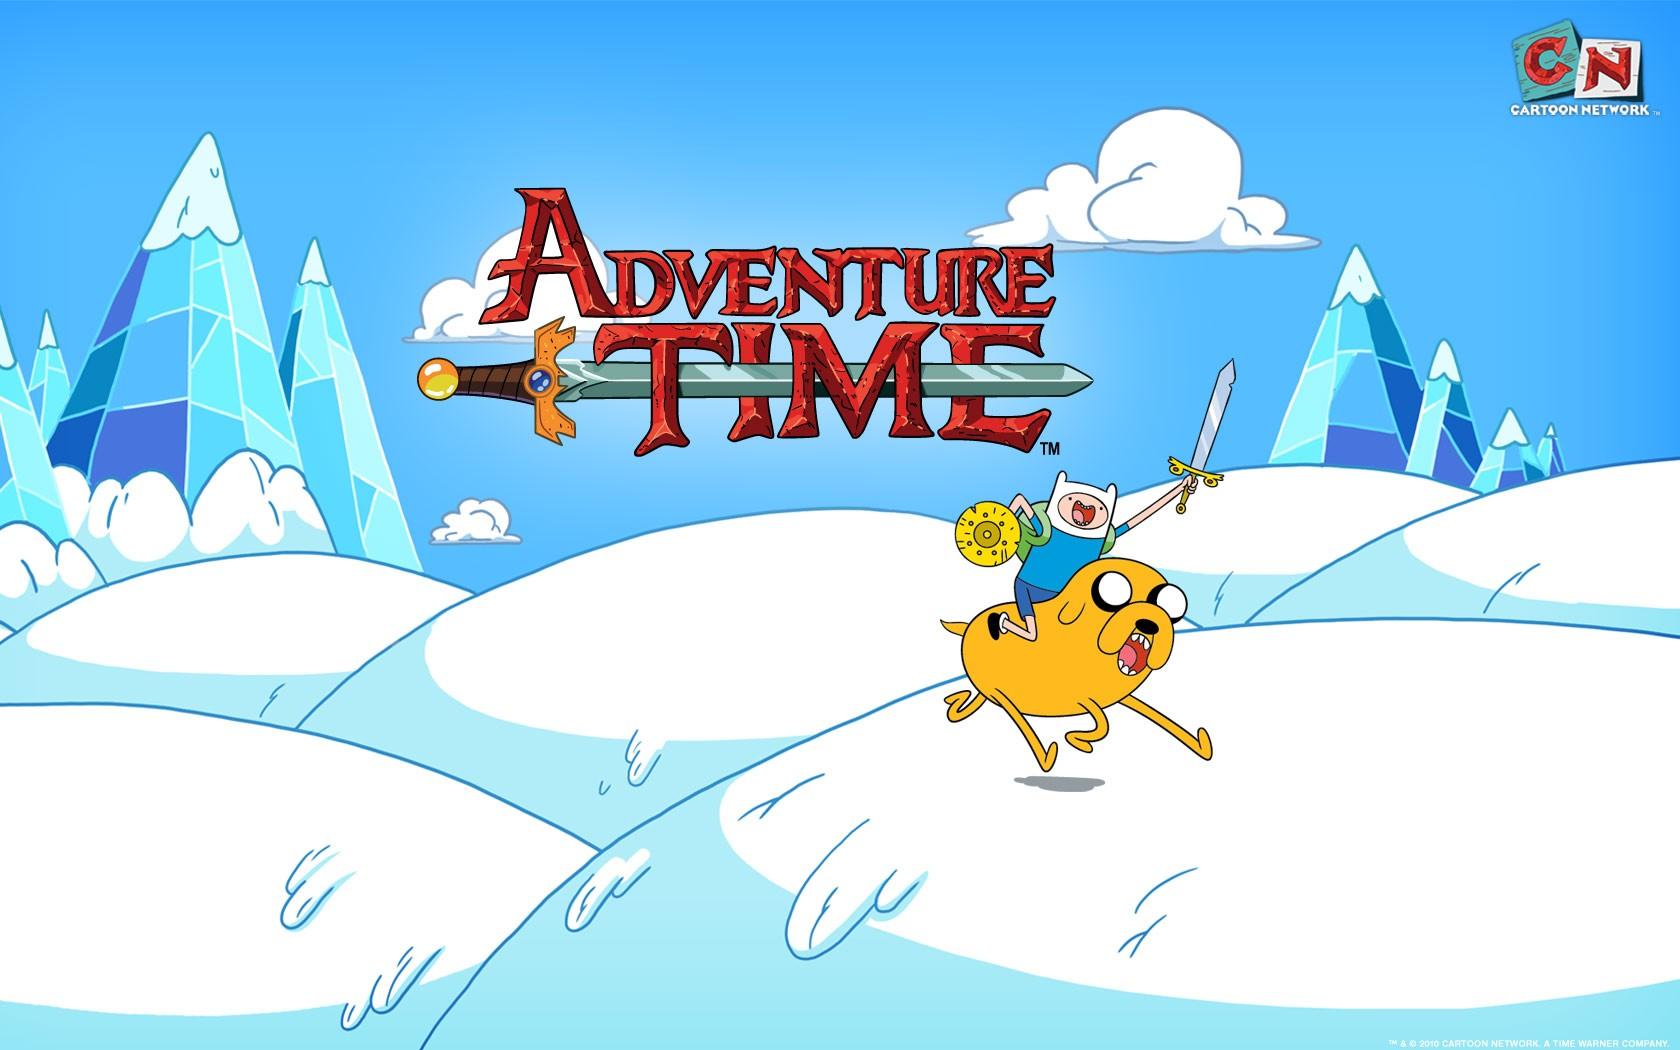 Wallpaper 1680x1050 Px Adventure Time Cartoon Network Finn The